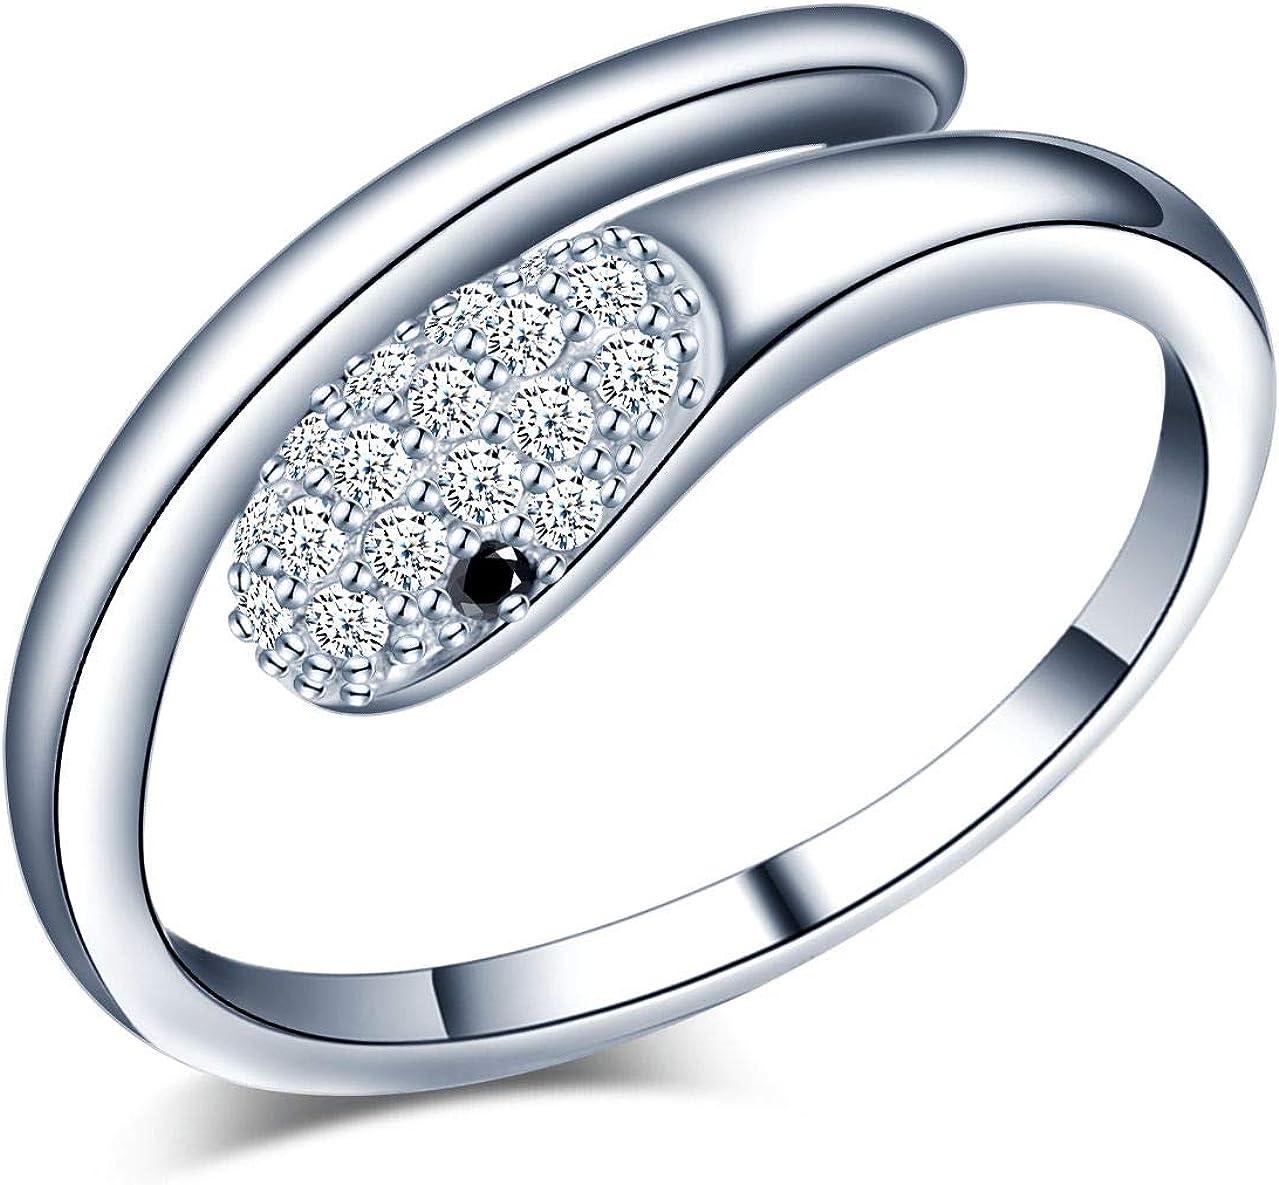 Yumilok Anillo de plata de ley 925 para mujer, anillo abierto de serpiente, incrustaciones de circón, tamaño ajustable, regalo de cumpleaños de Navidad, tamaño: 49-57